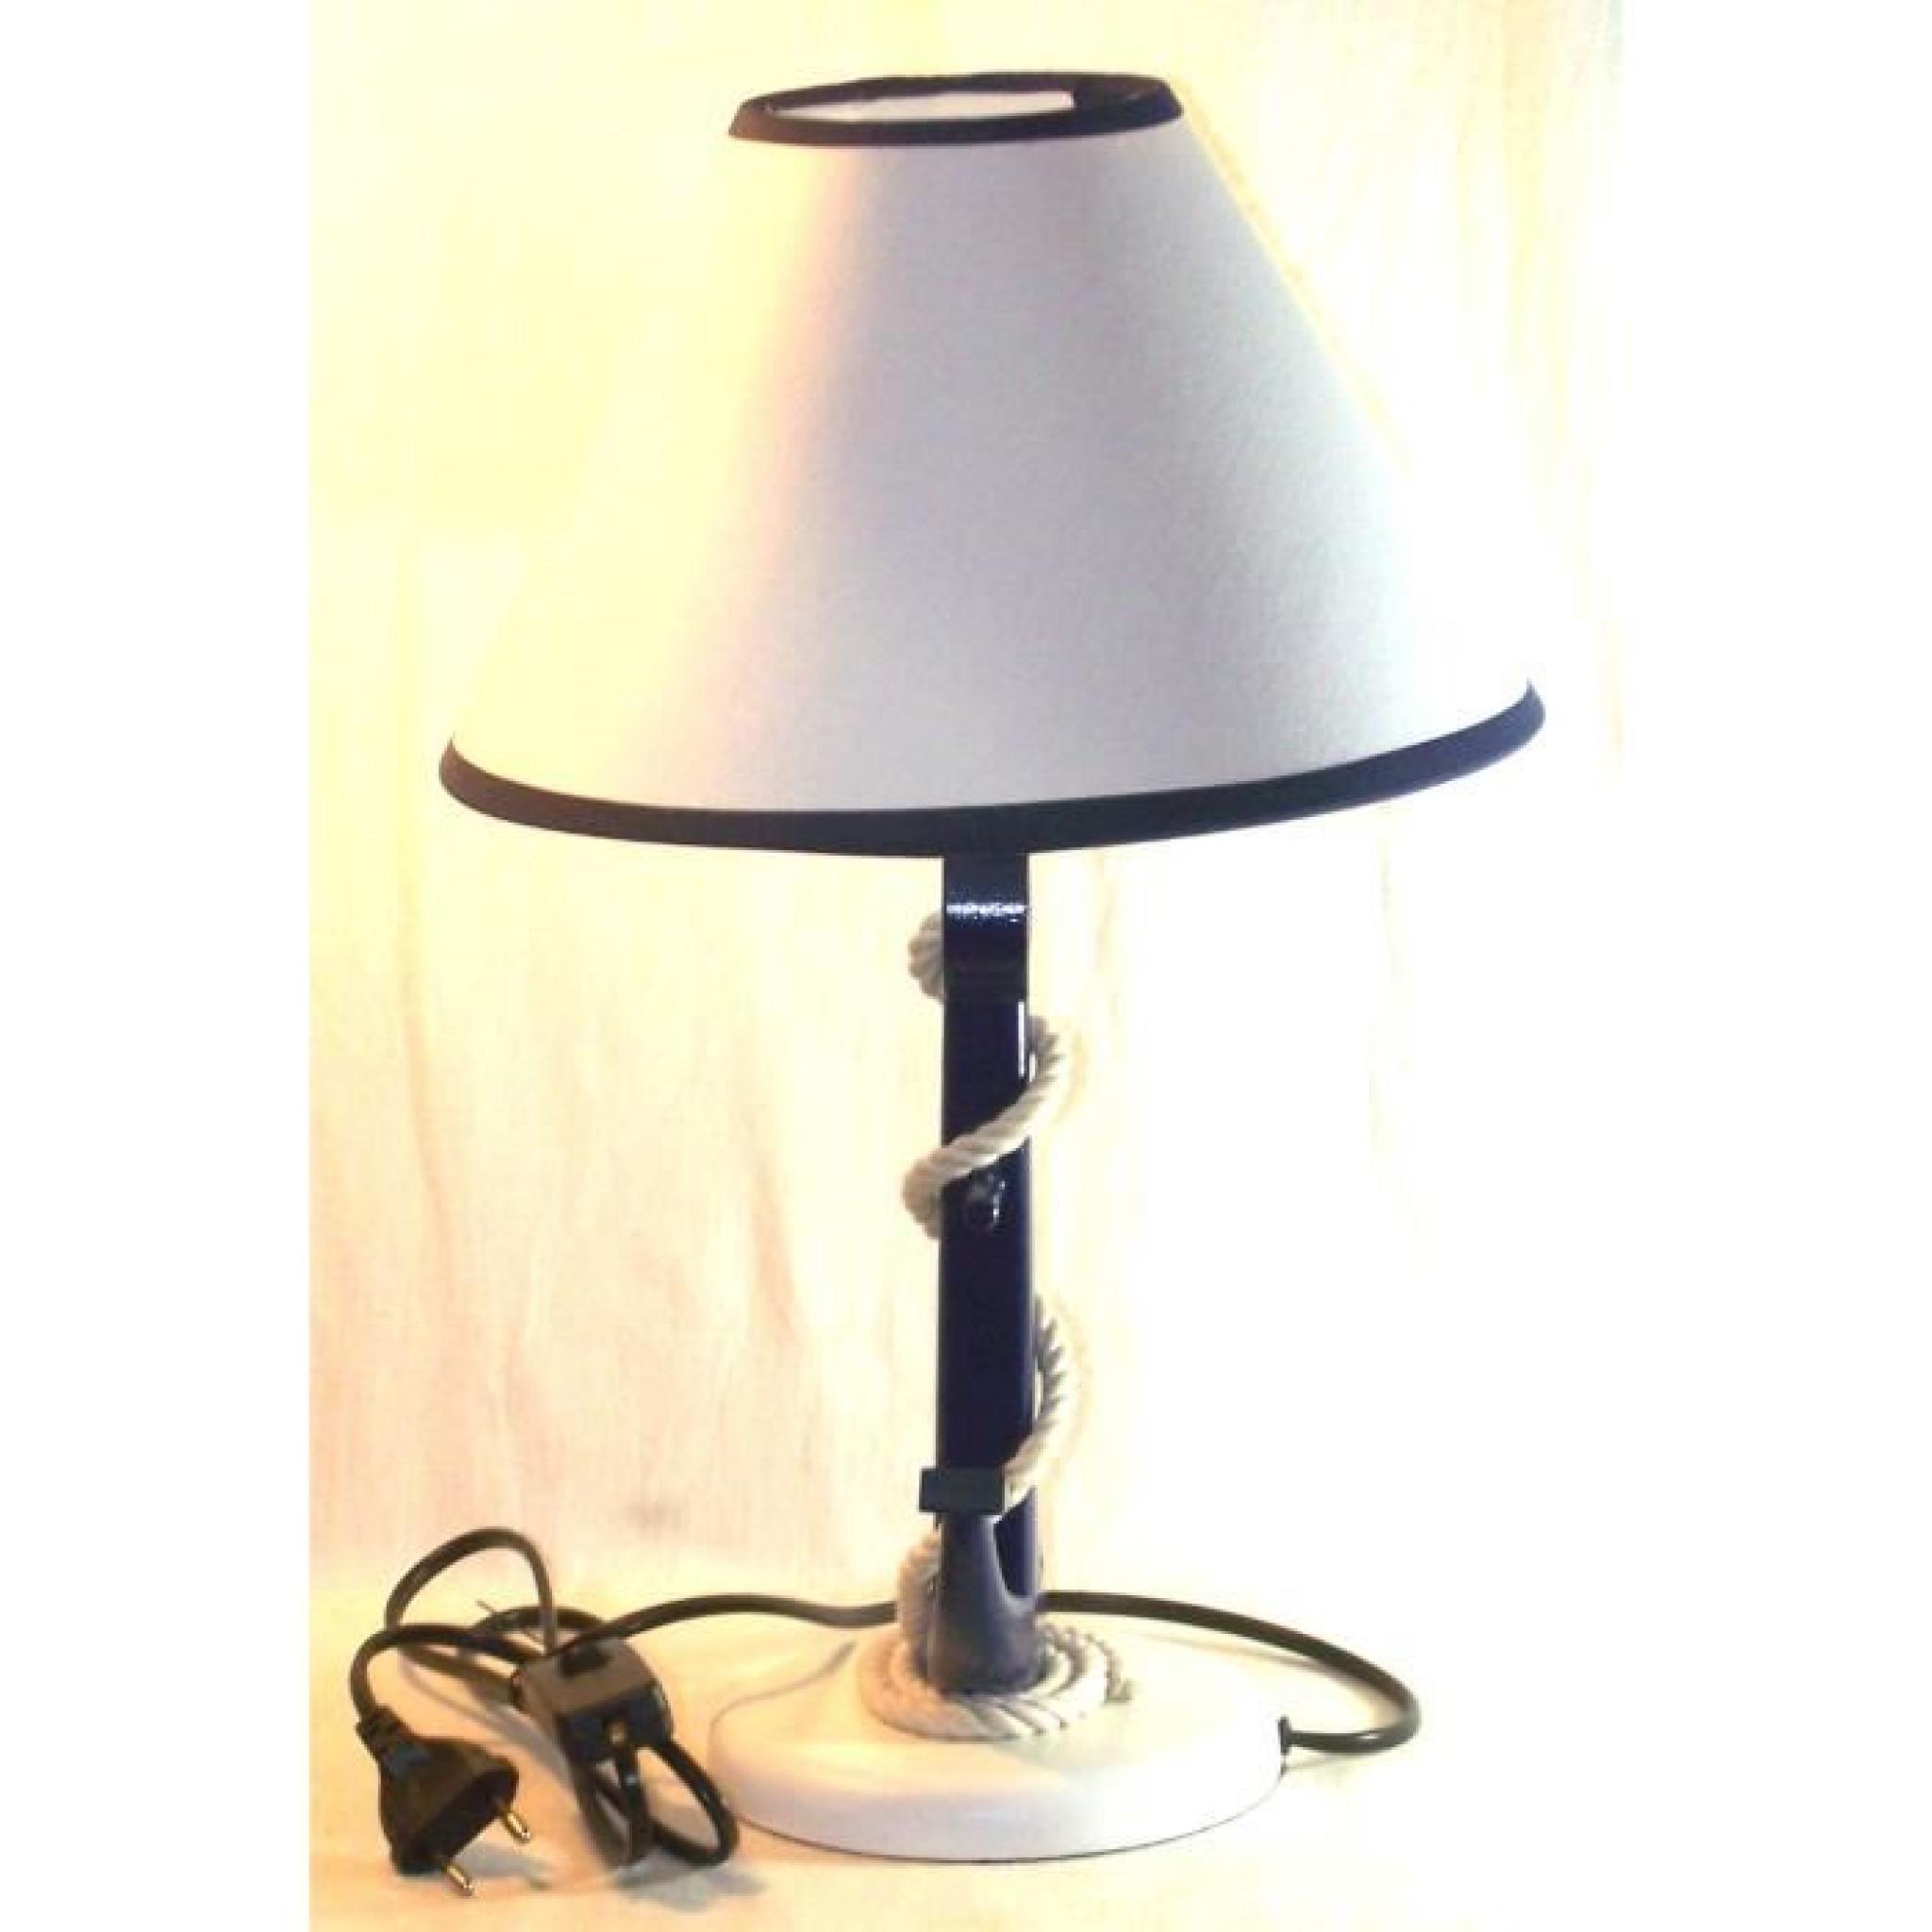 Lampe ancre de marine et cordage Achat Vente lampe a poser pas cher Couleur et design